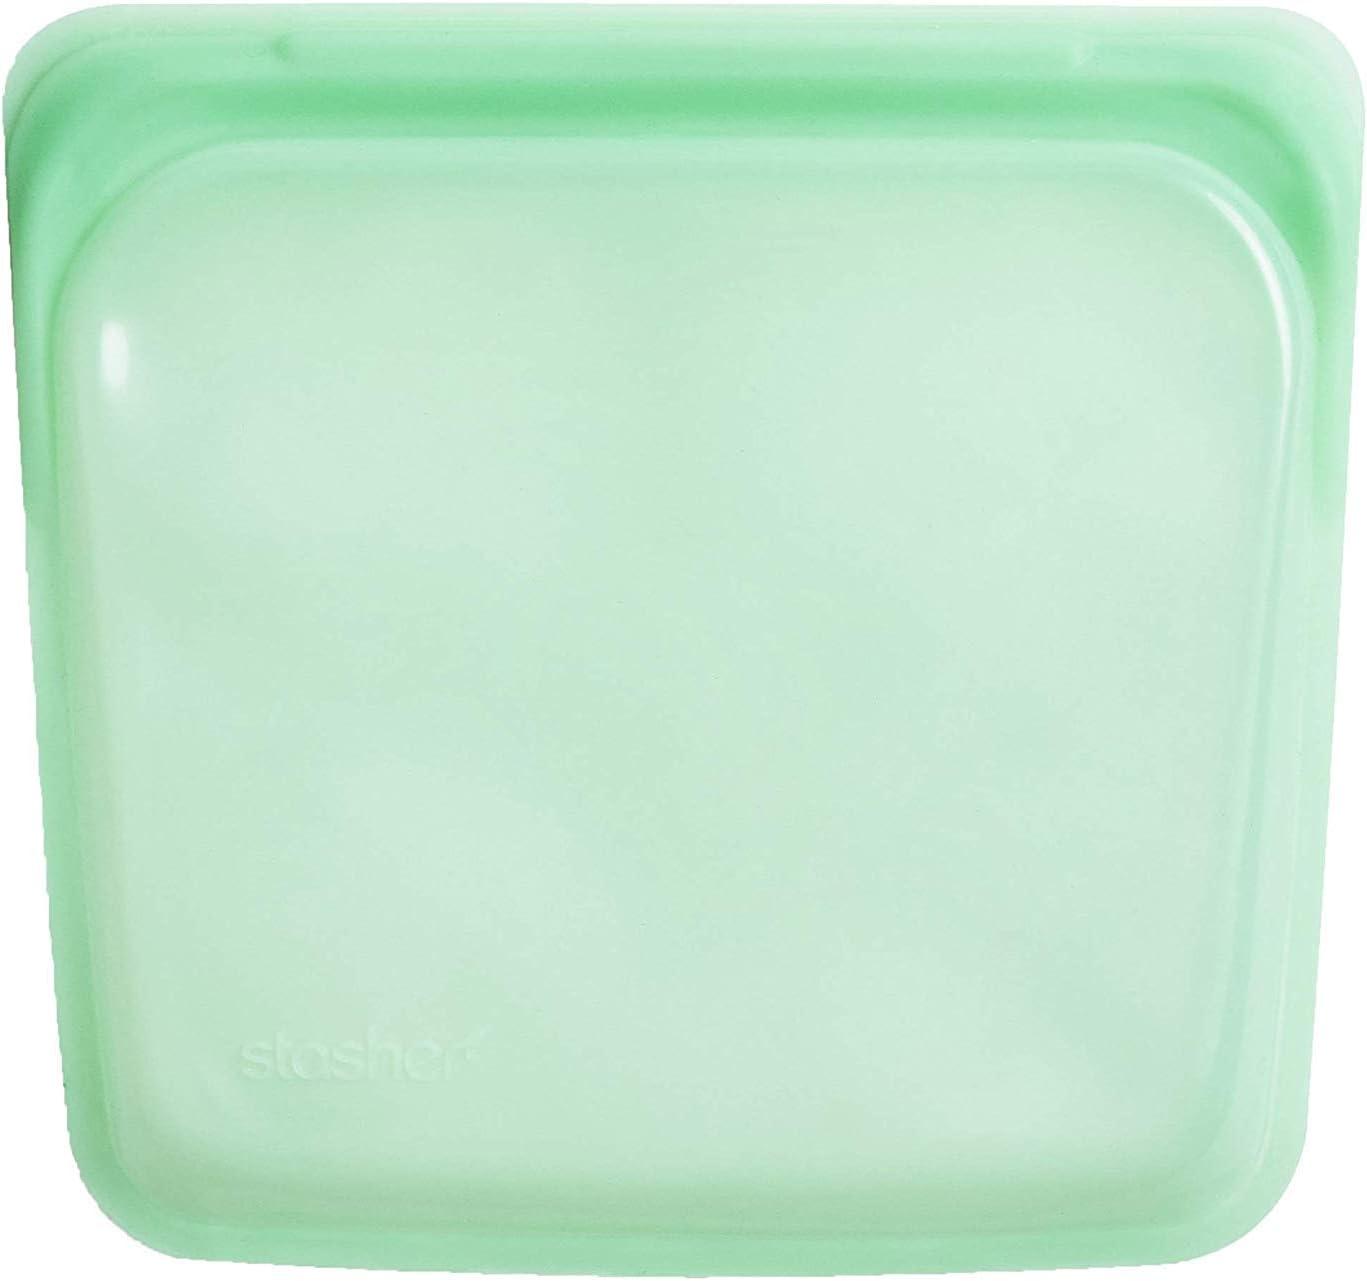 Stasher 907 - Bolsa reutilizable para sándwiches de platino de grado alimenticio para comer, congelar y guardar en organización, viajes, 19,05 cm x 19,05 cm, color verde menta, silicona